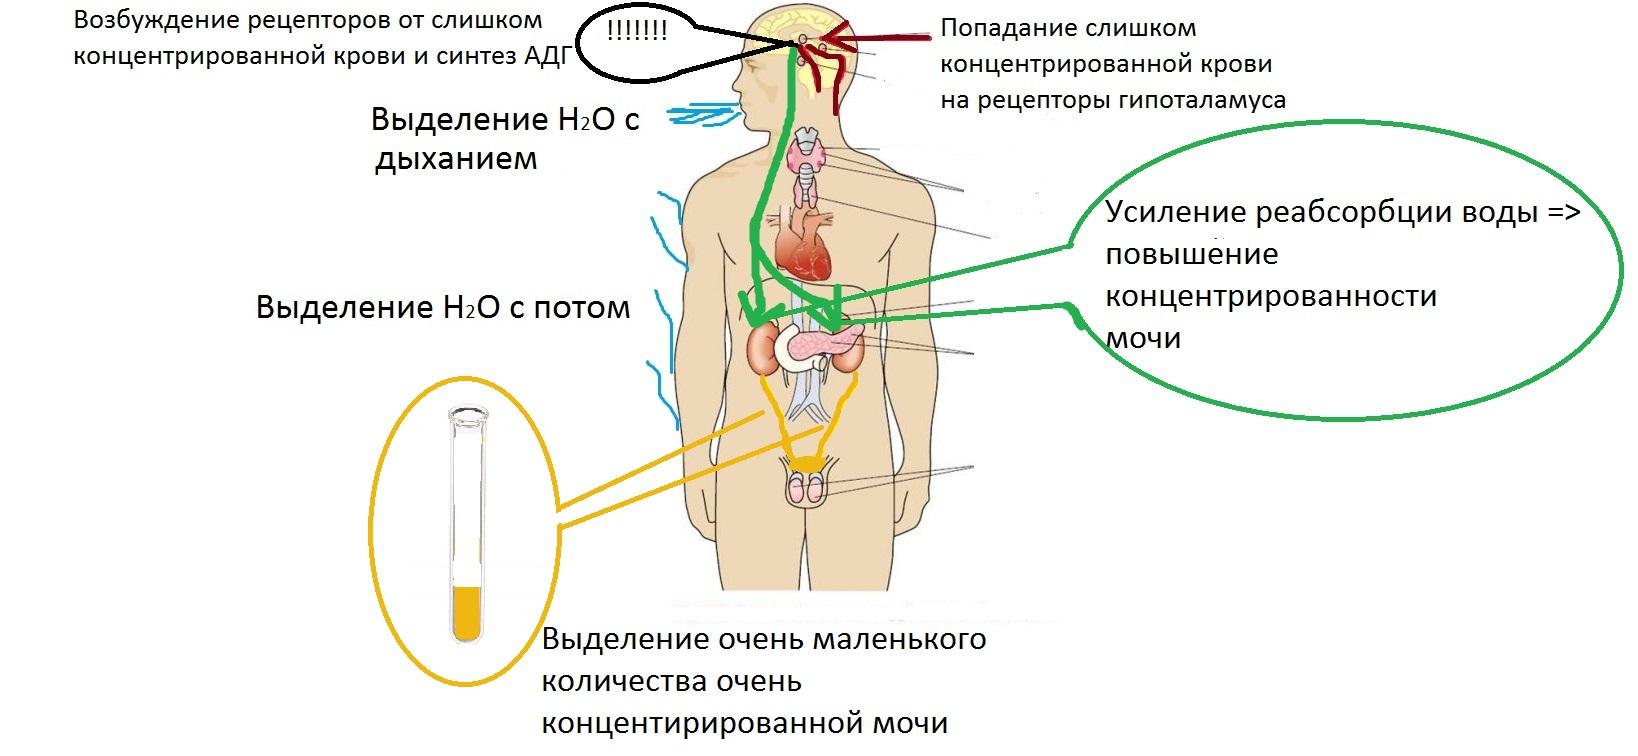 fiziologia_gipotalamusa_adg